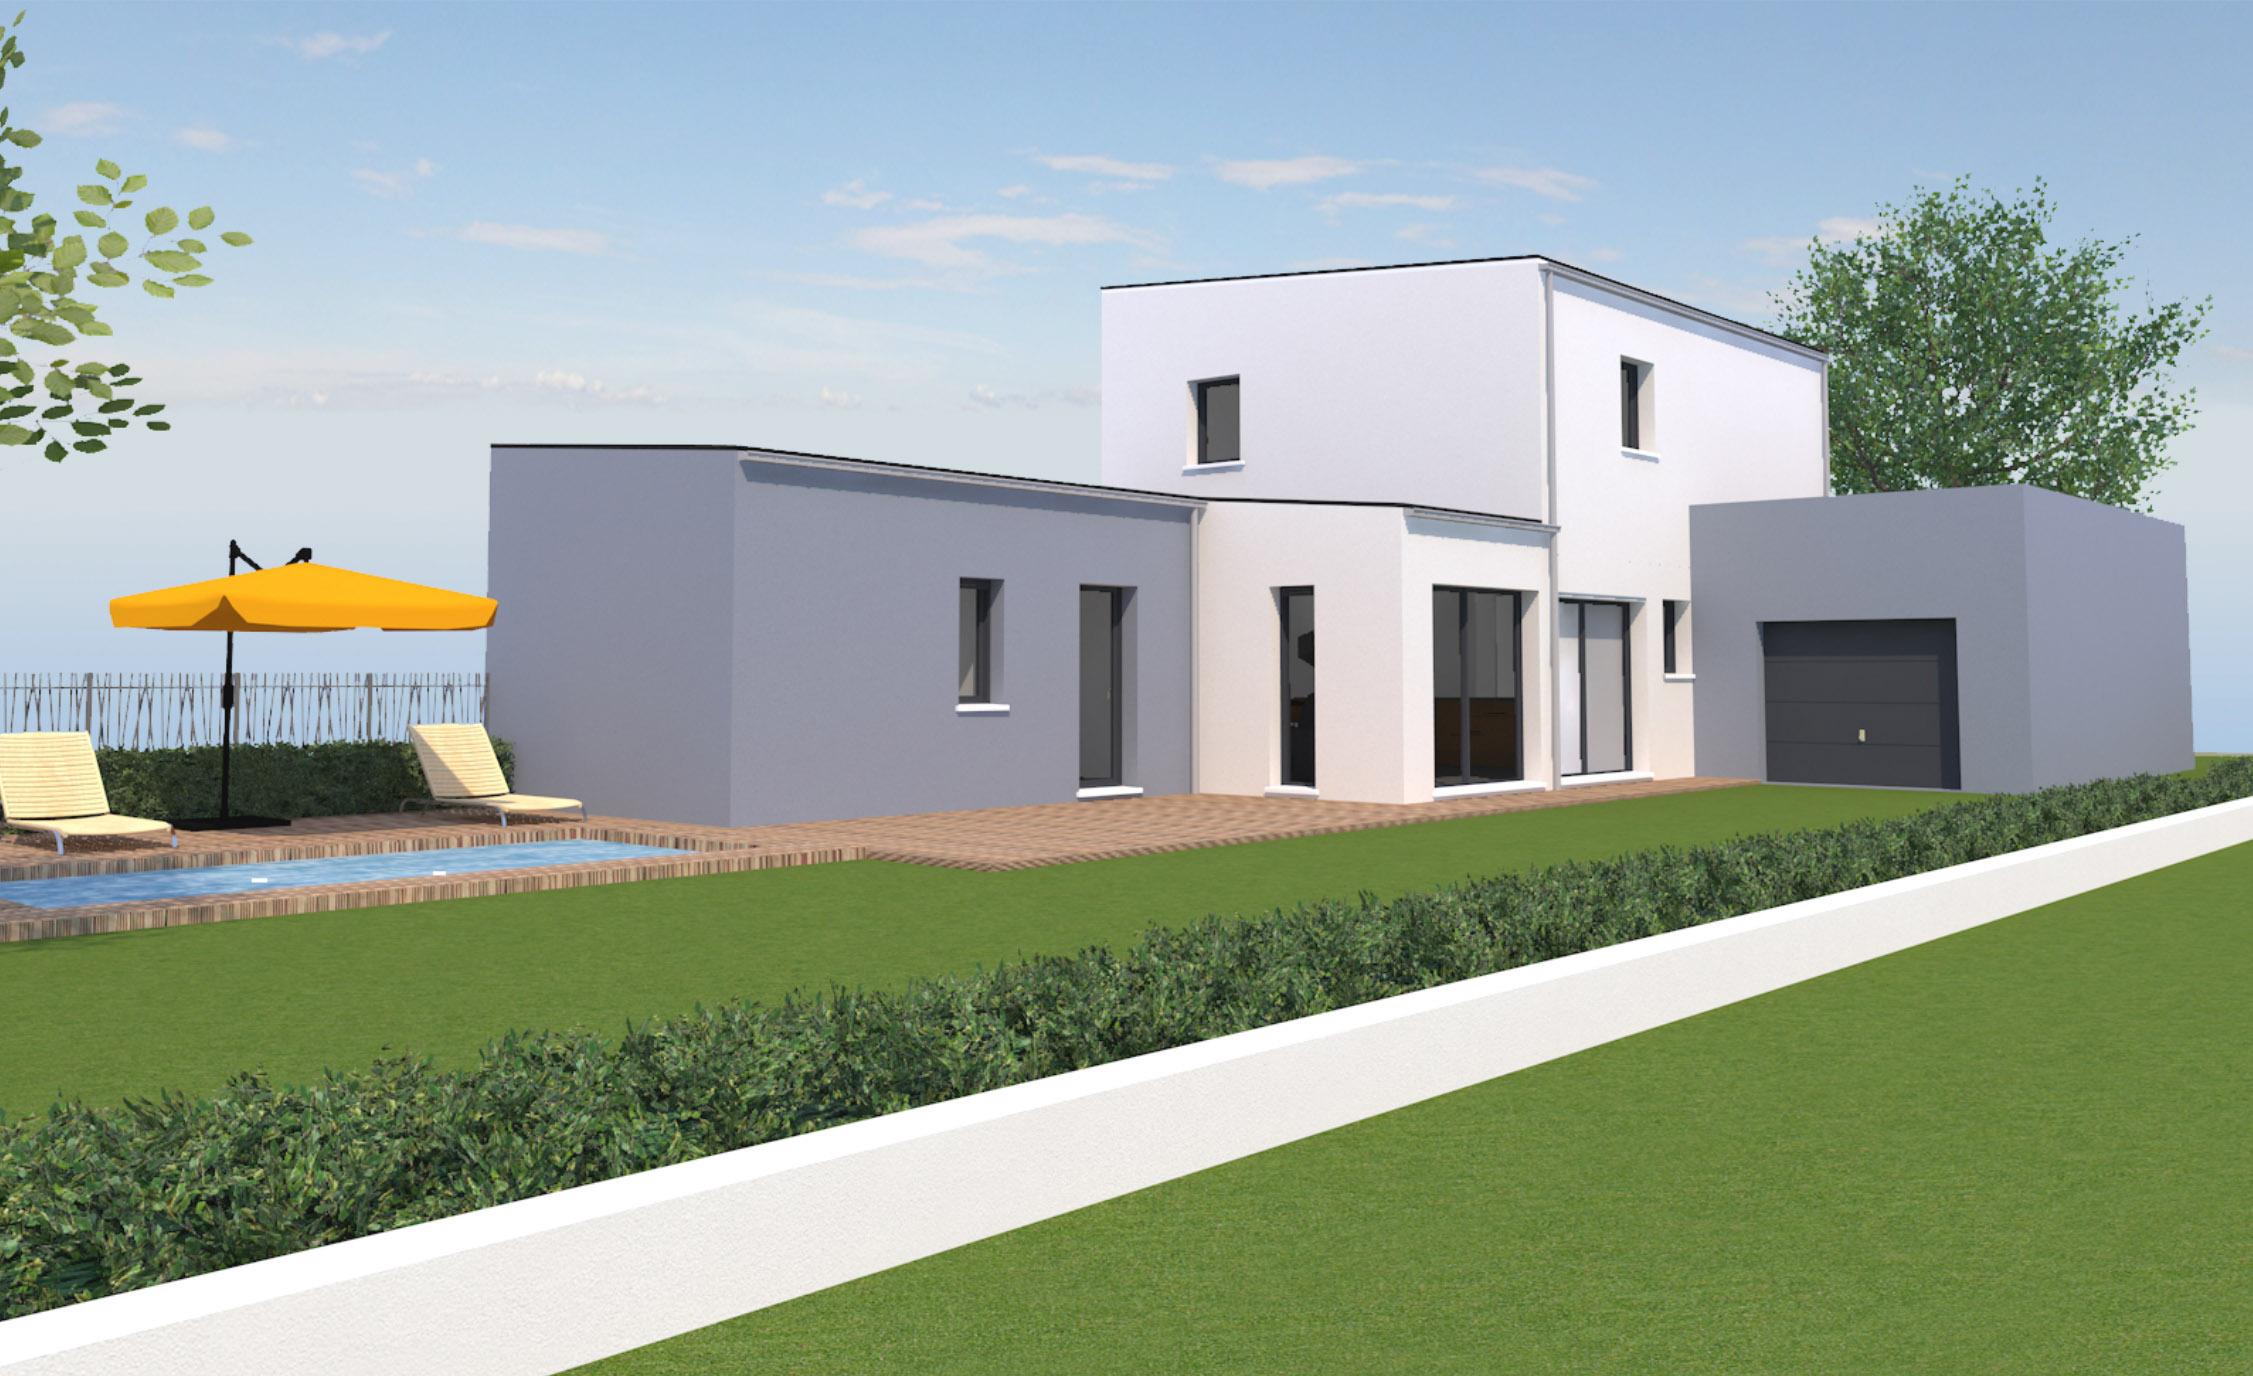 Maison et comfort super maison moderne basque id es de for Maison super moderne